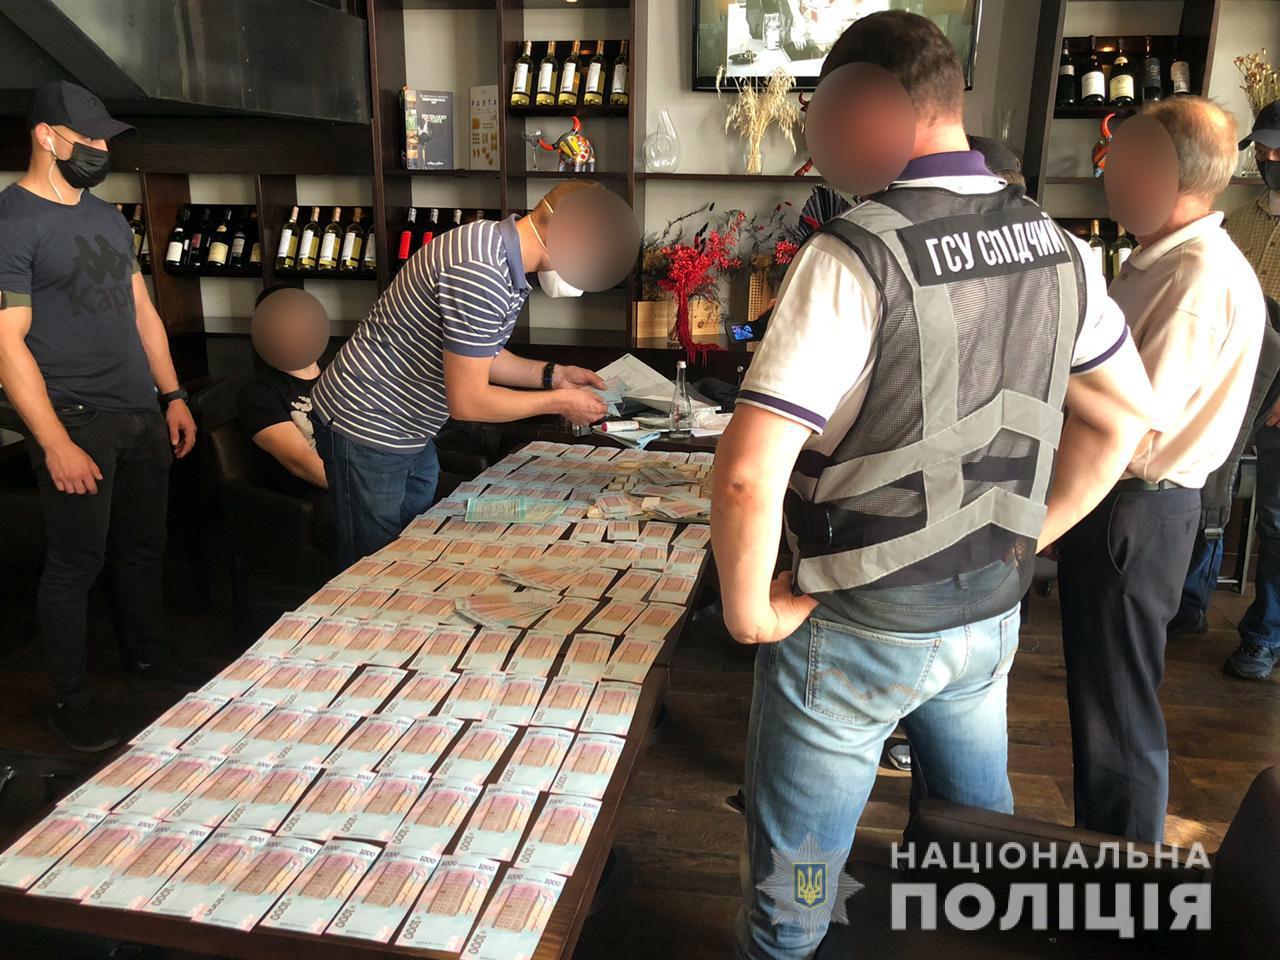 Правоохранители задержали организатора схемы хищения зерна с Госрезерва